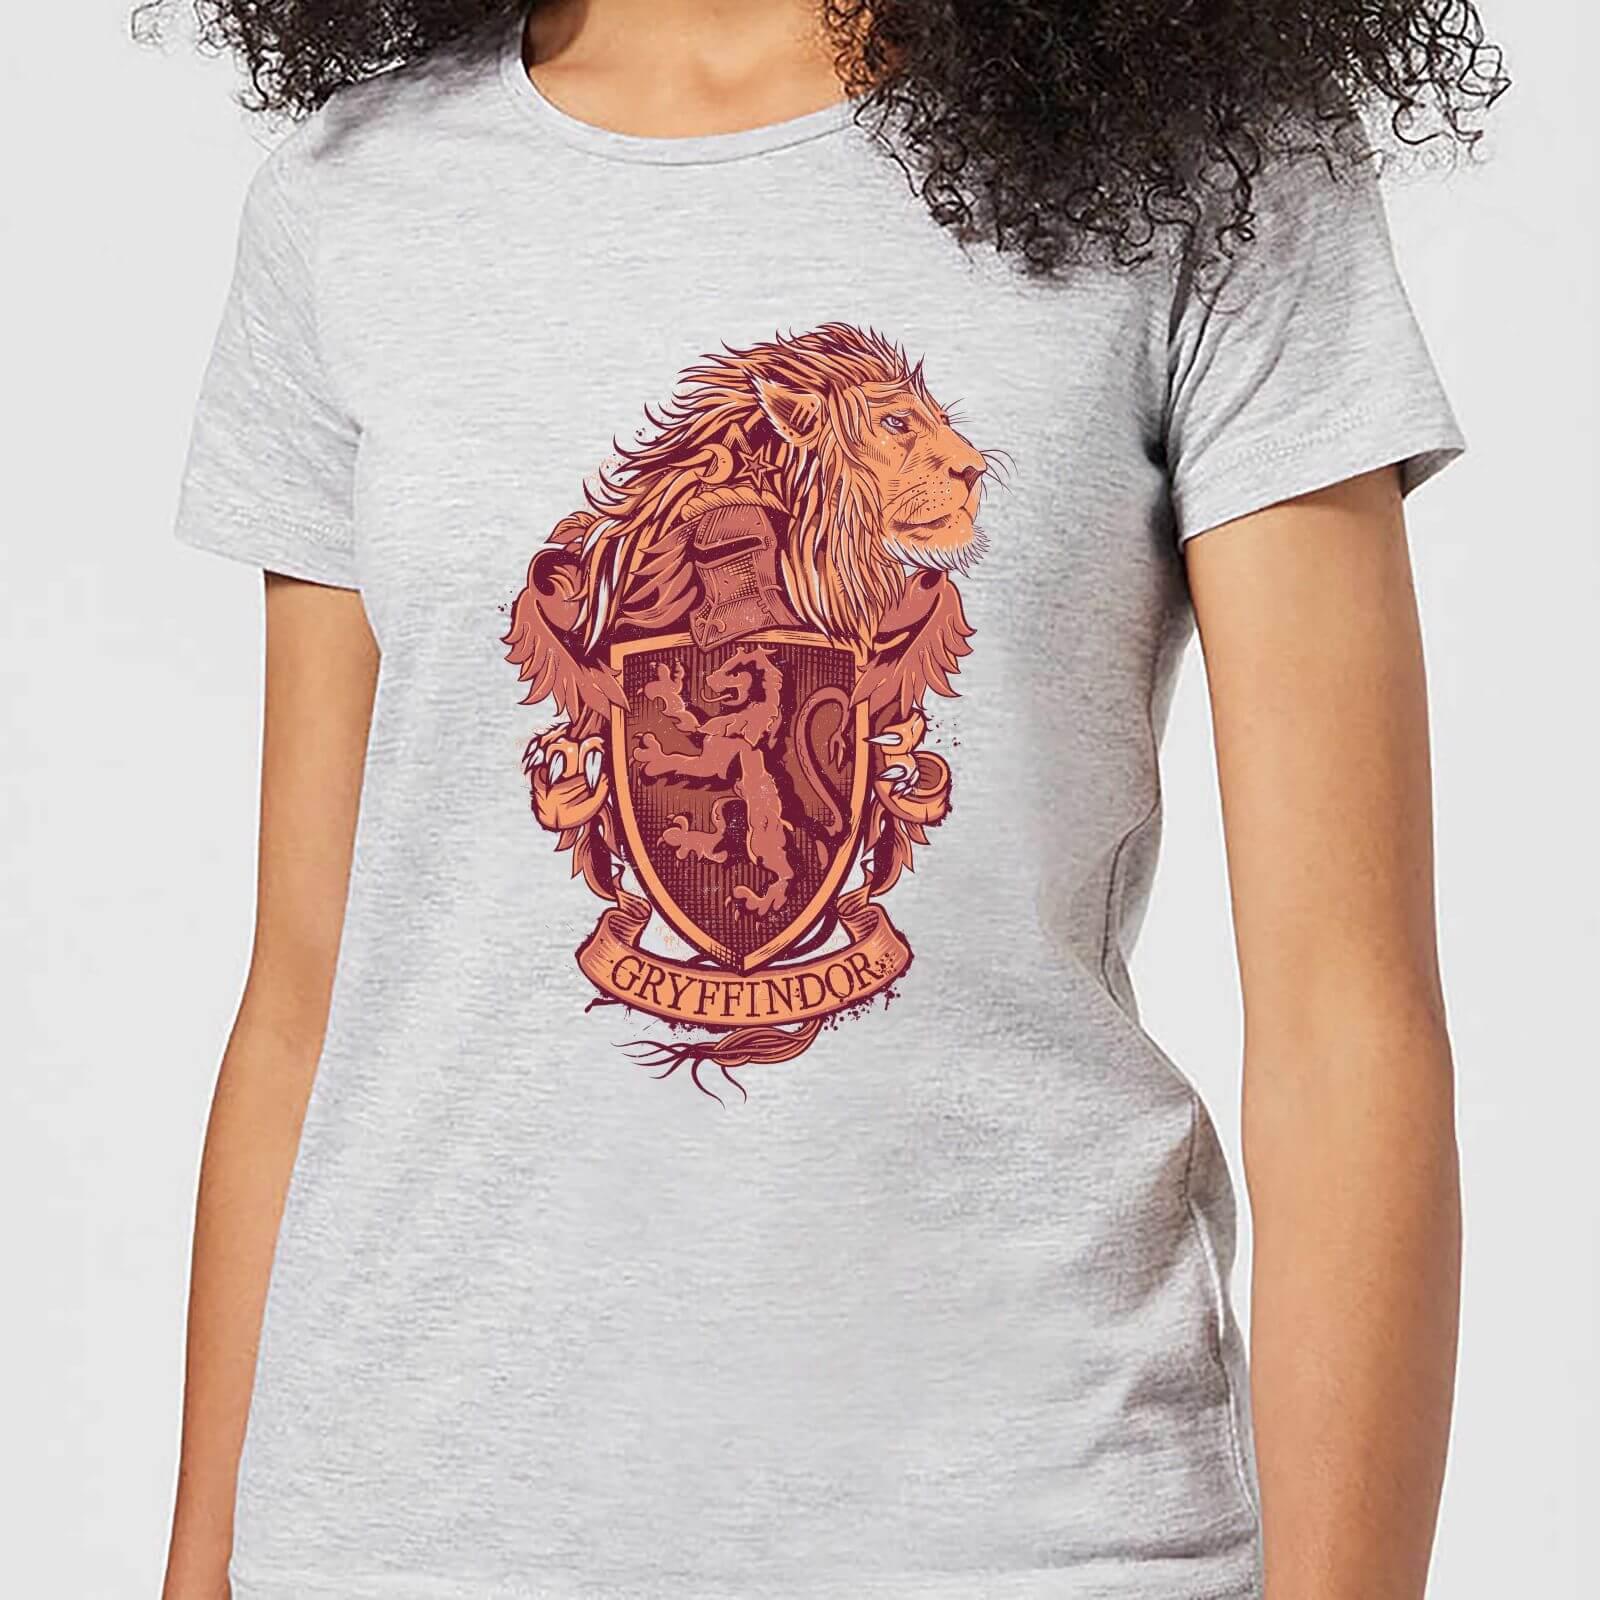 Harry Potter Gryffindor Drawn Crest Women's T-Shirt - Grey - XL - Gris